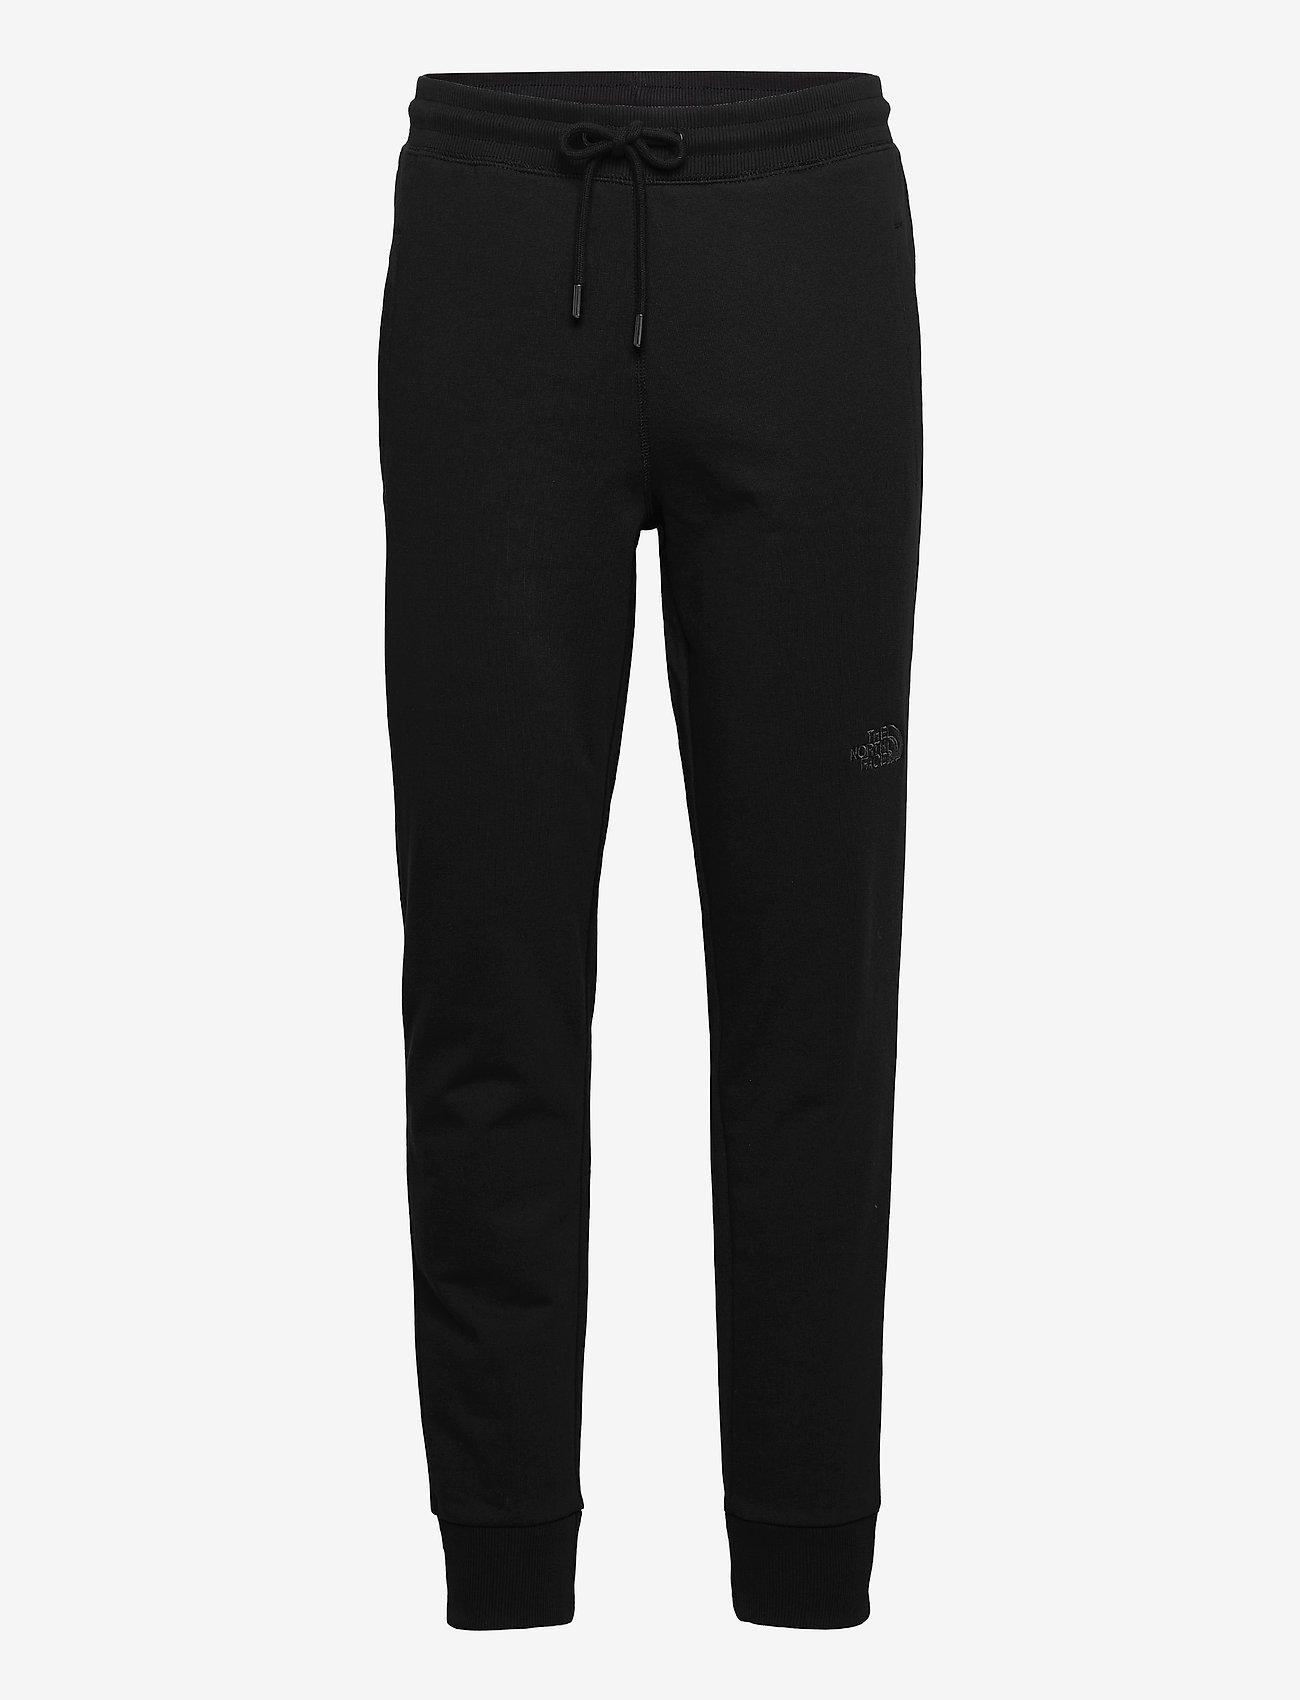 The North Face - M NSE LIGHT PANT - pantalons - tnf black - 0